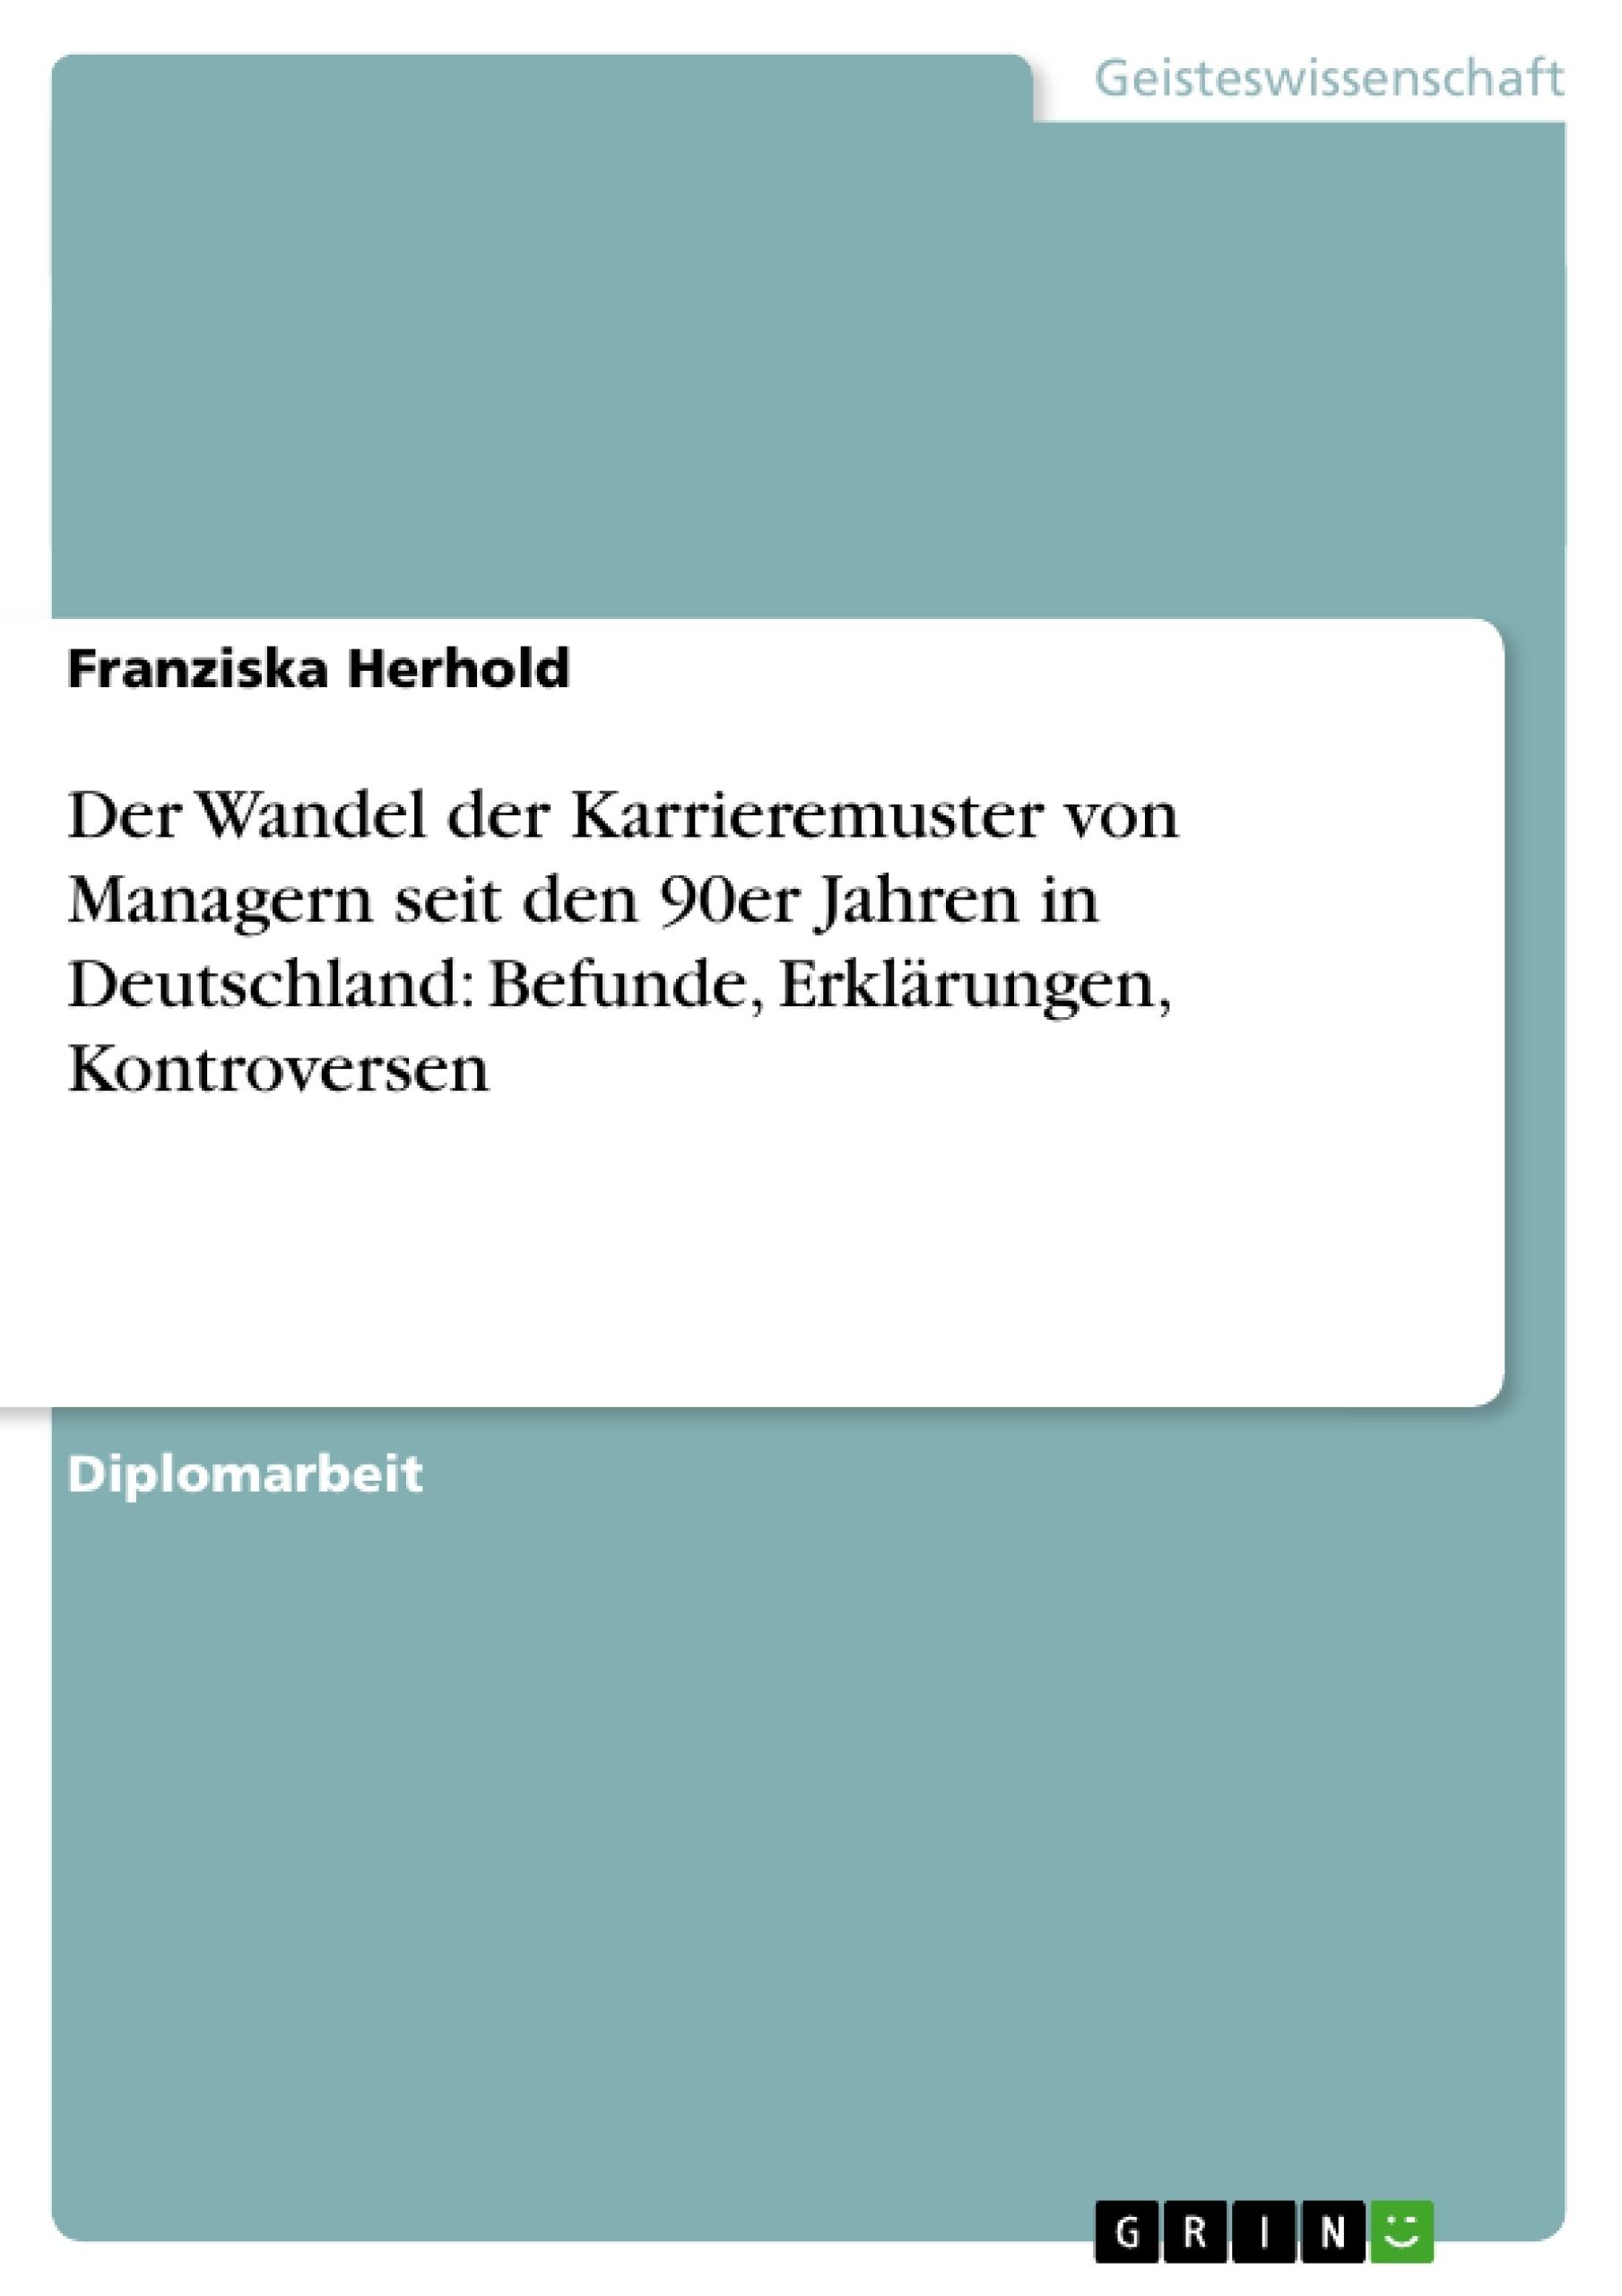 Titel: Der Wandel der Karrieremuster von Managern seit den 90er Jahren in Deutschland: Befunde, Erklärungen, Kontroversen